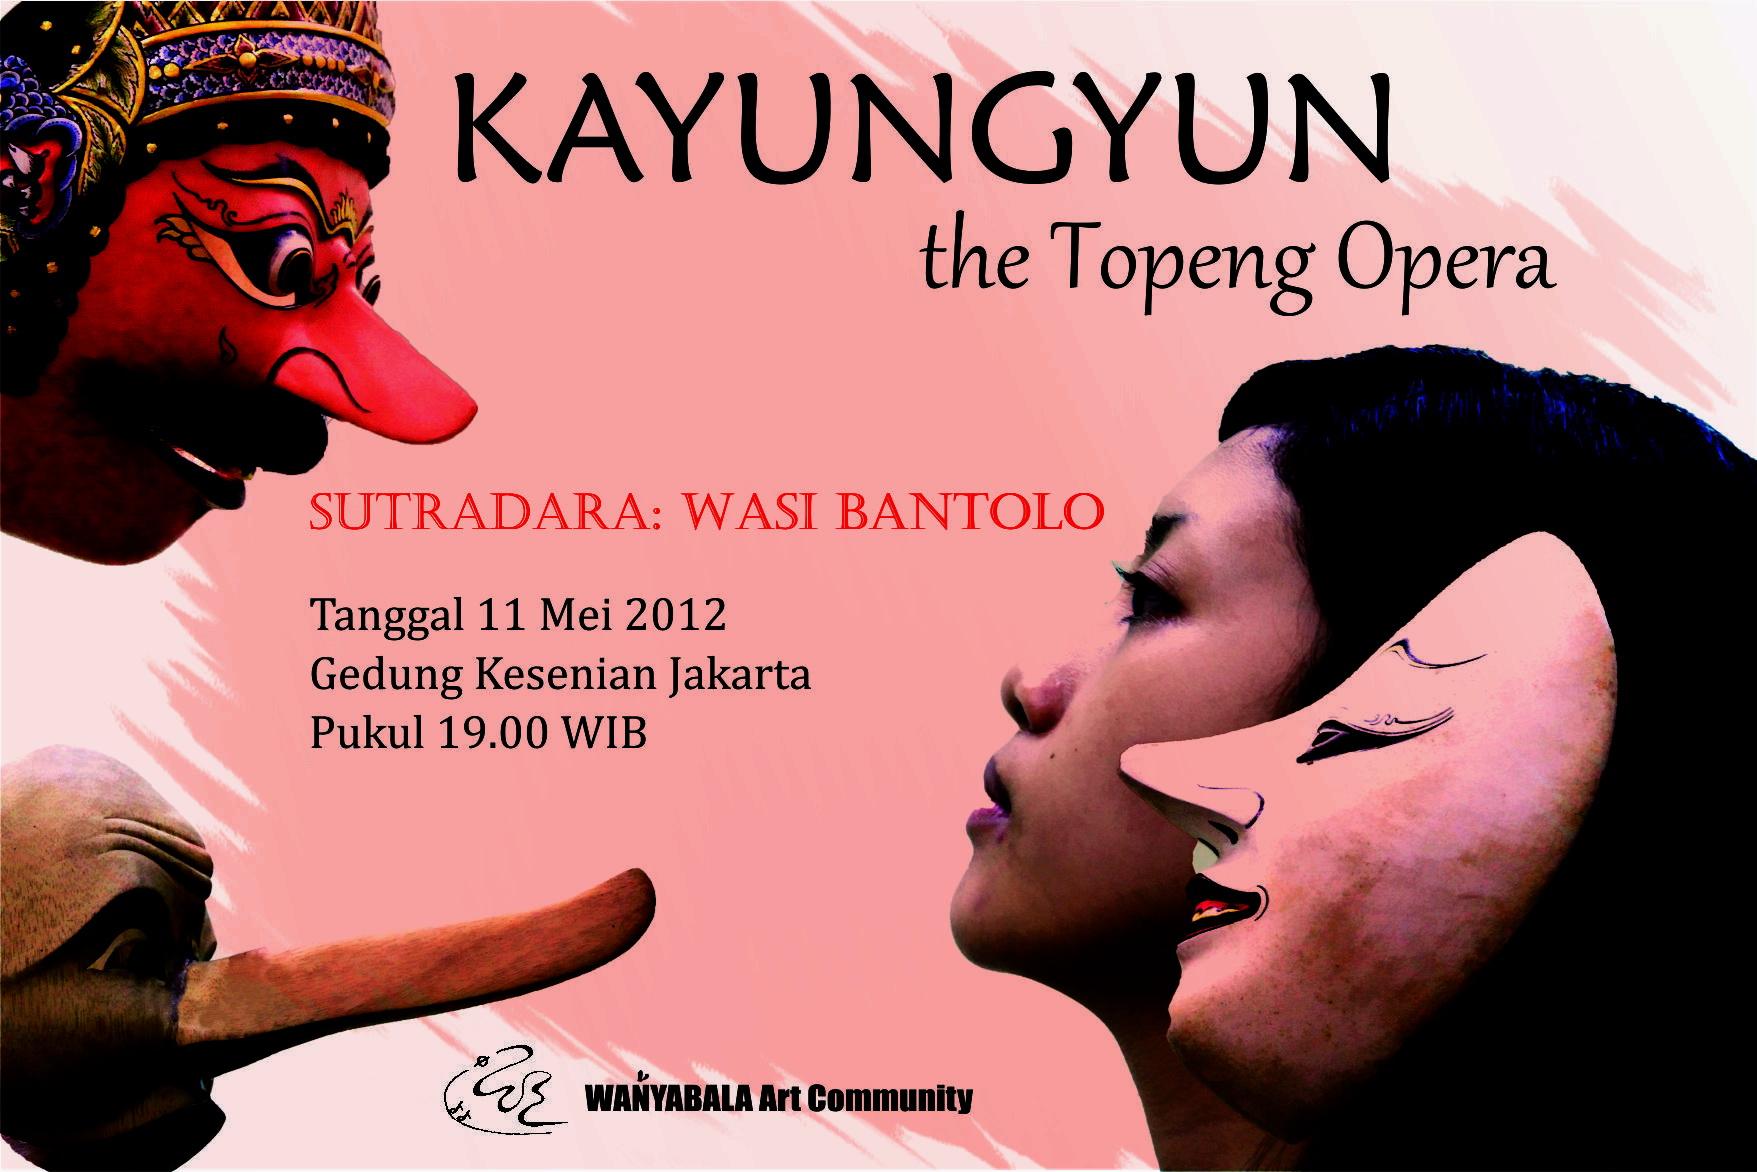 Kayungyun - The Topeng Opera